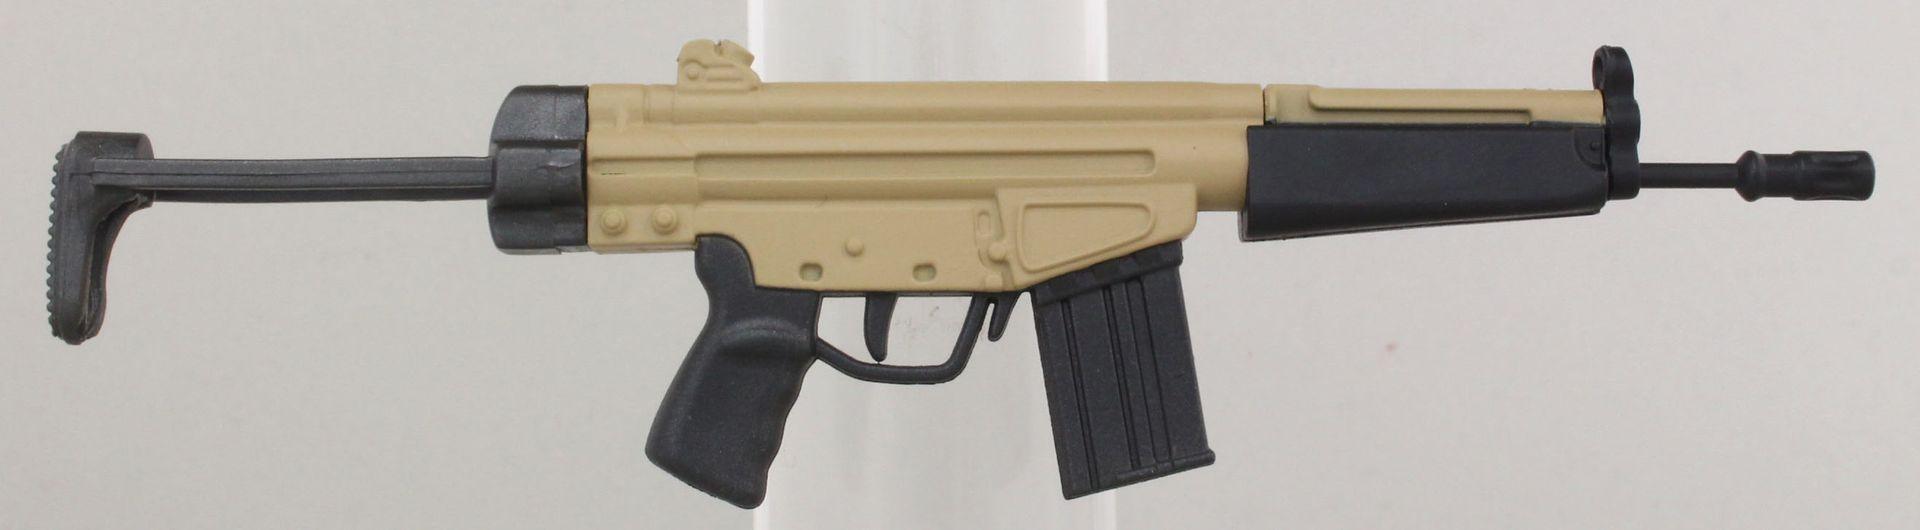 G3 MC51 サブマシンガン